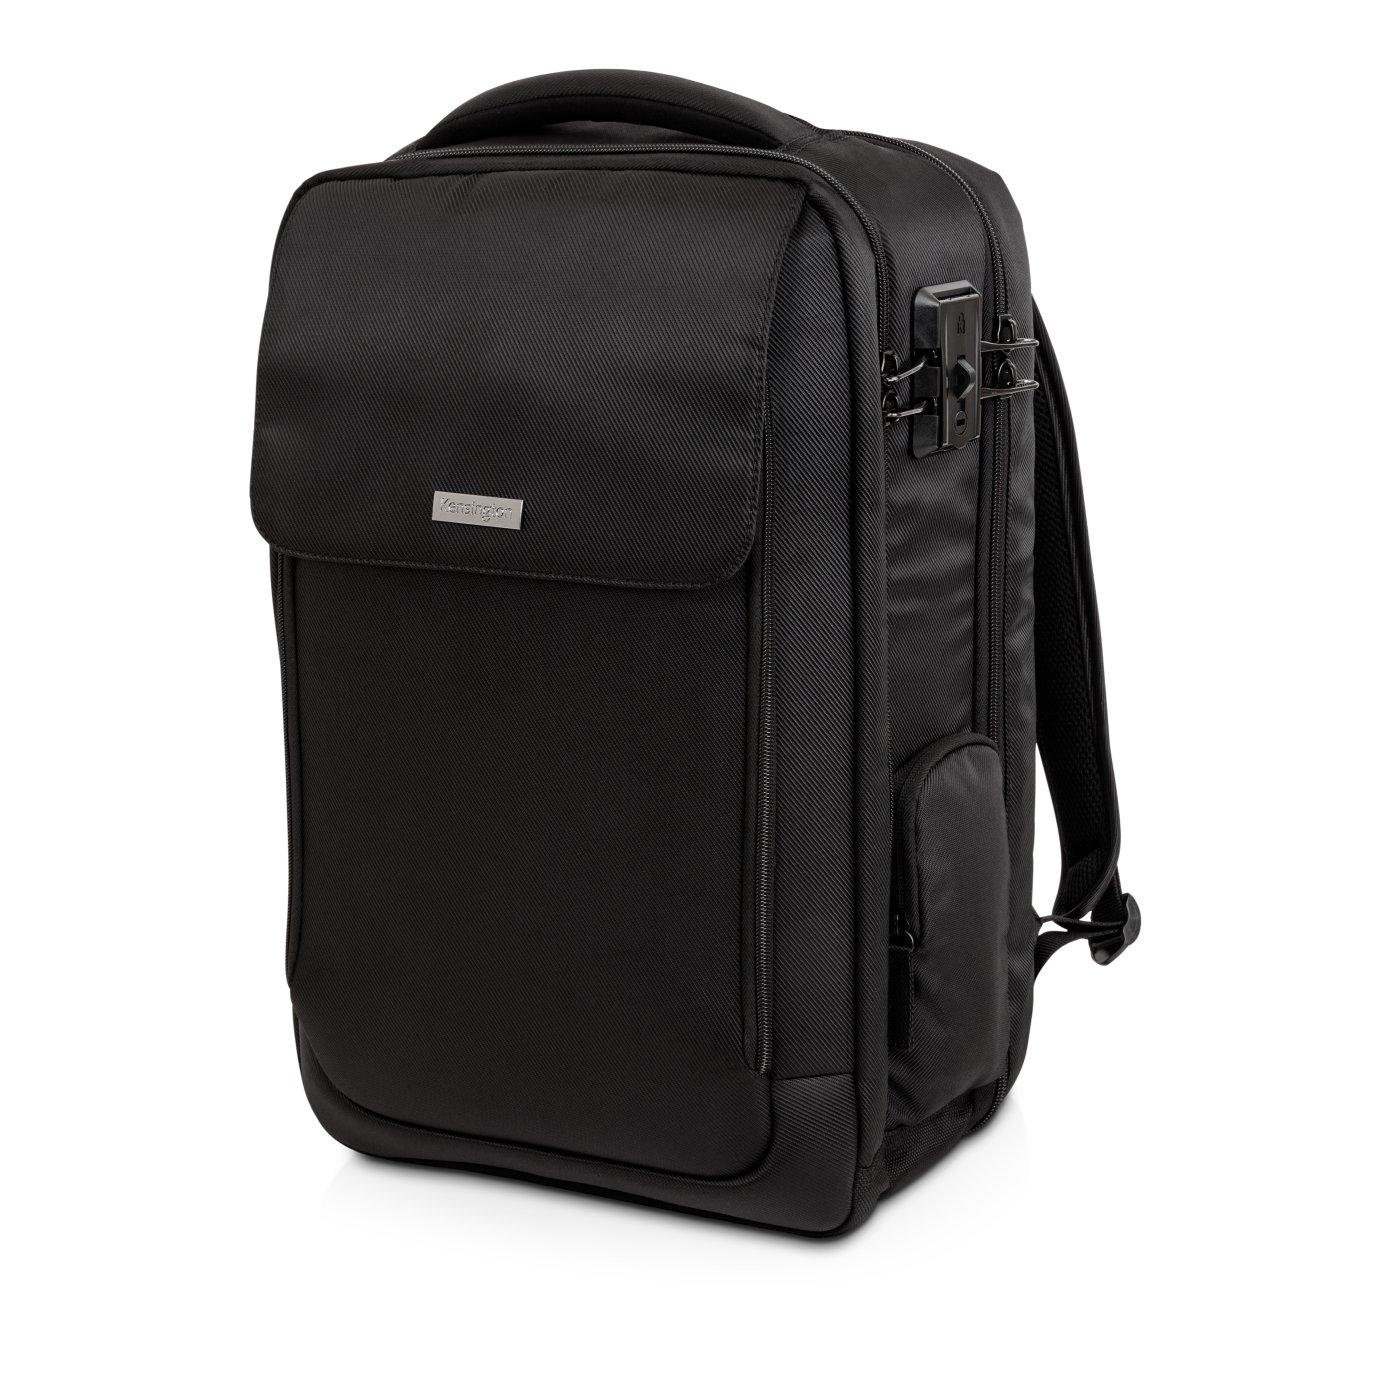 kensington products laptop bags backpacks. Black Bedroom Furniture Sets. Home Design Ideas